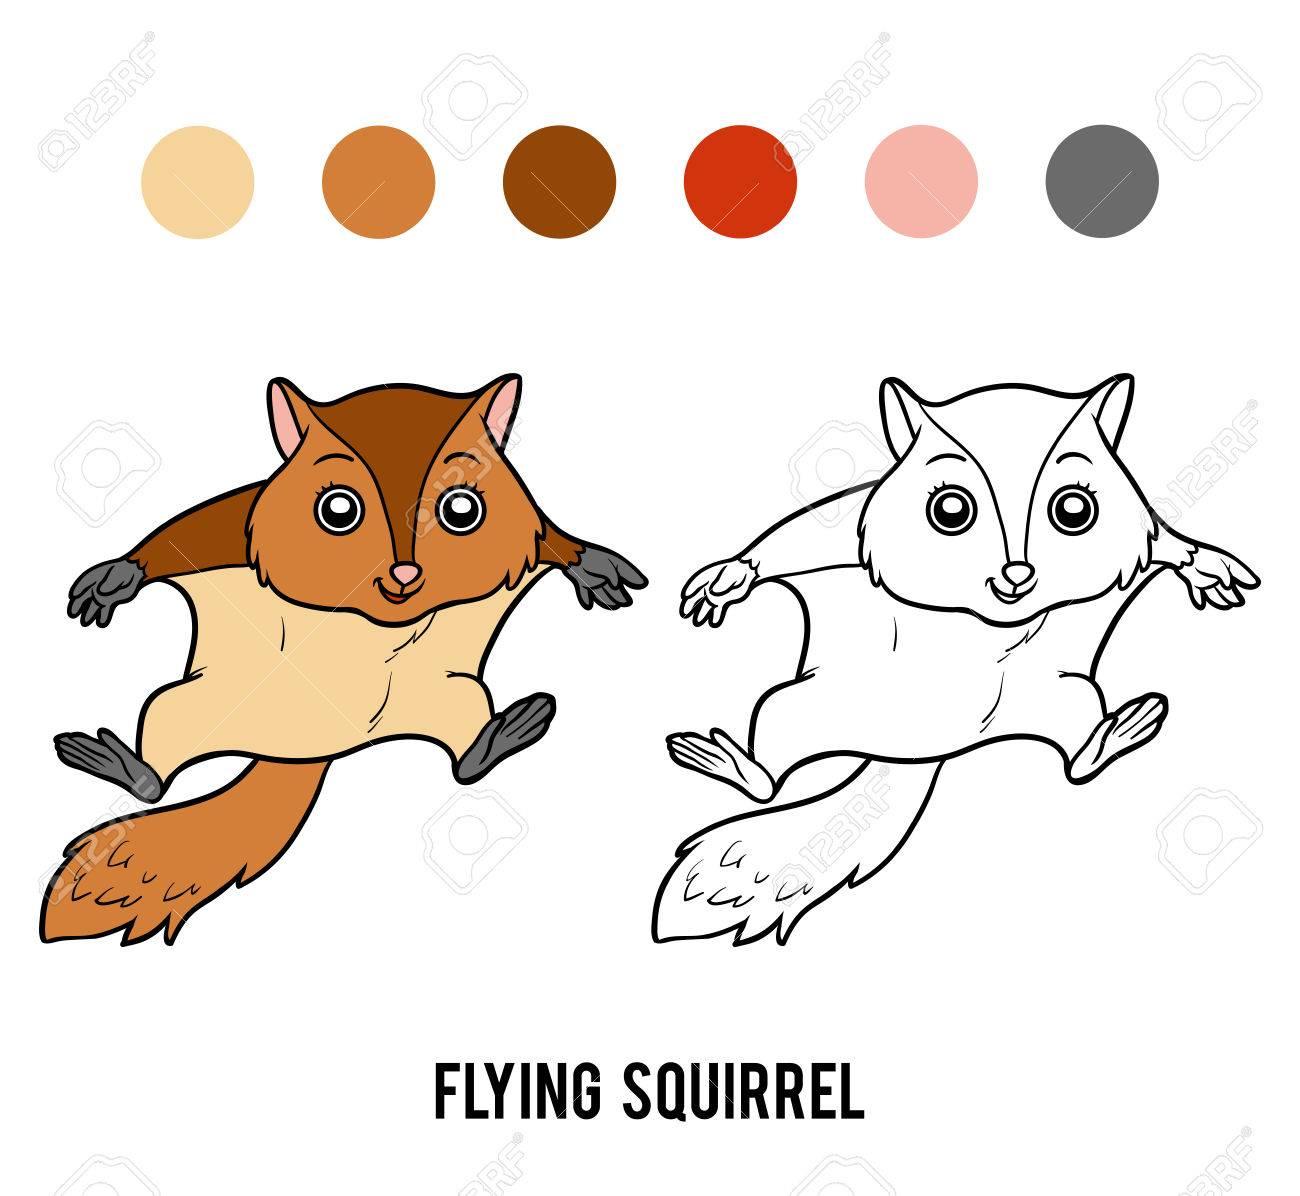 Coloriage Ecureuil Volant.Livre A Colorier Pour Enfants Ecureuil Volant Clip Art Libres De